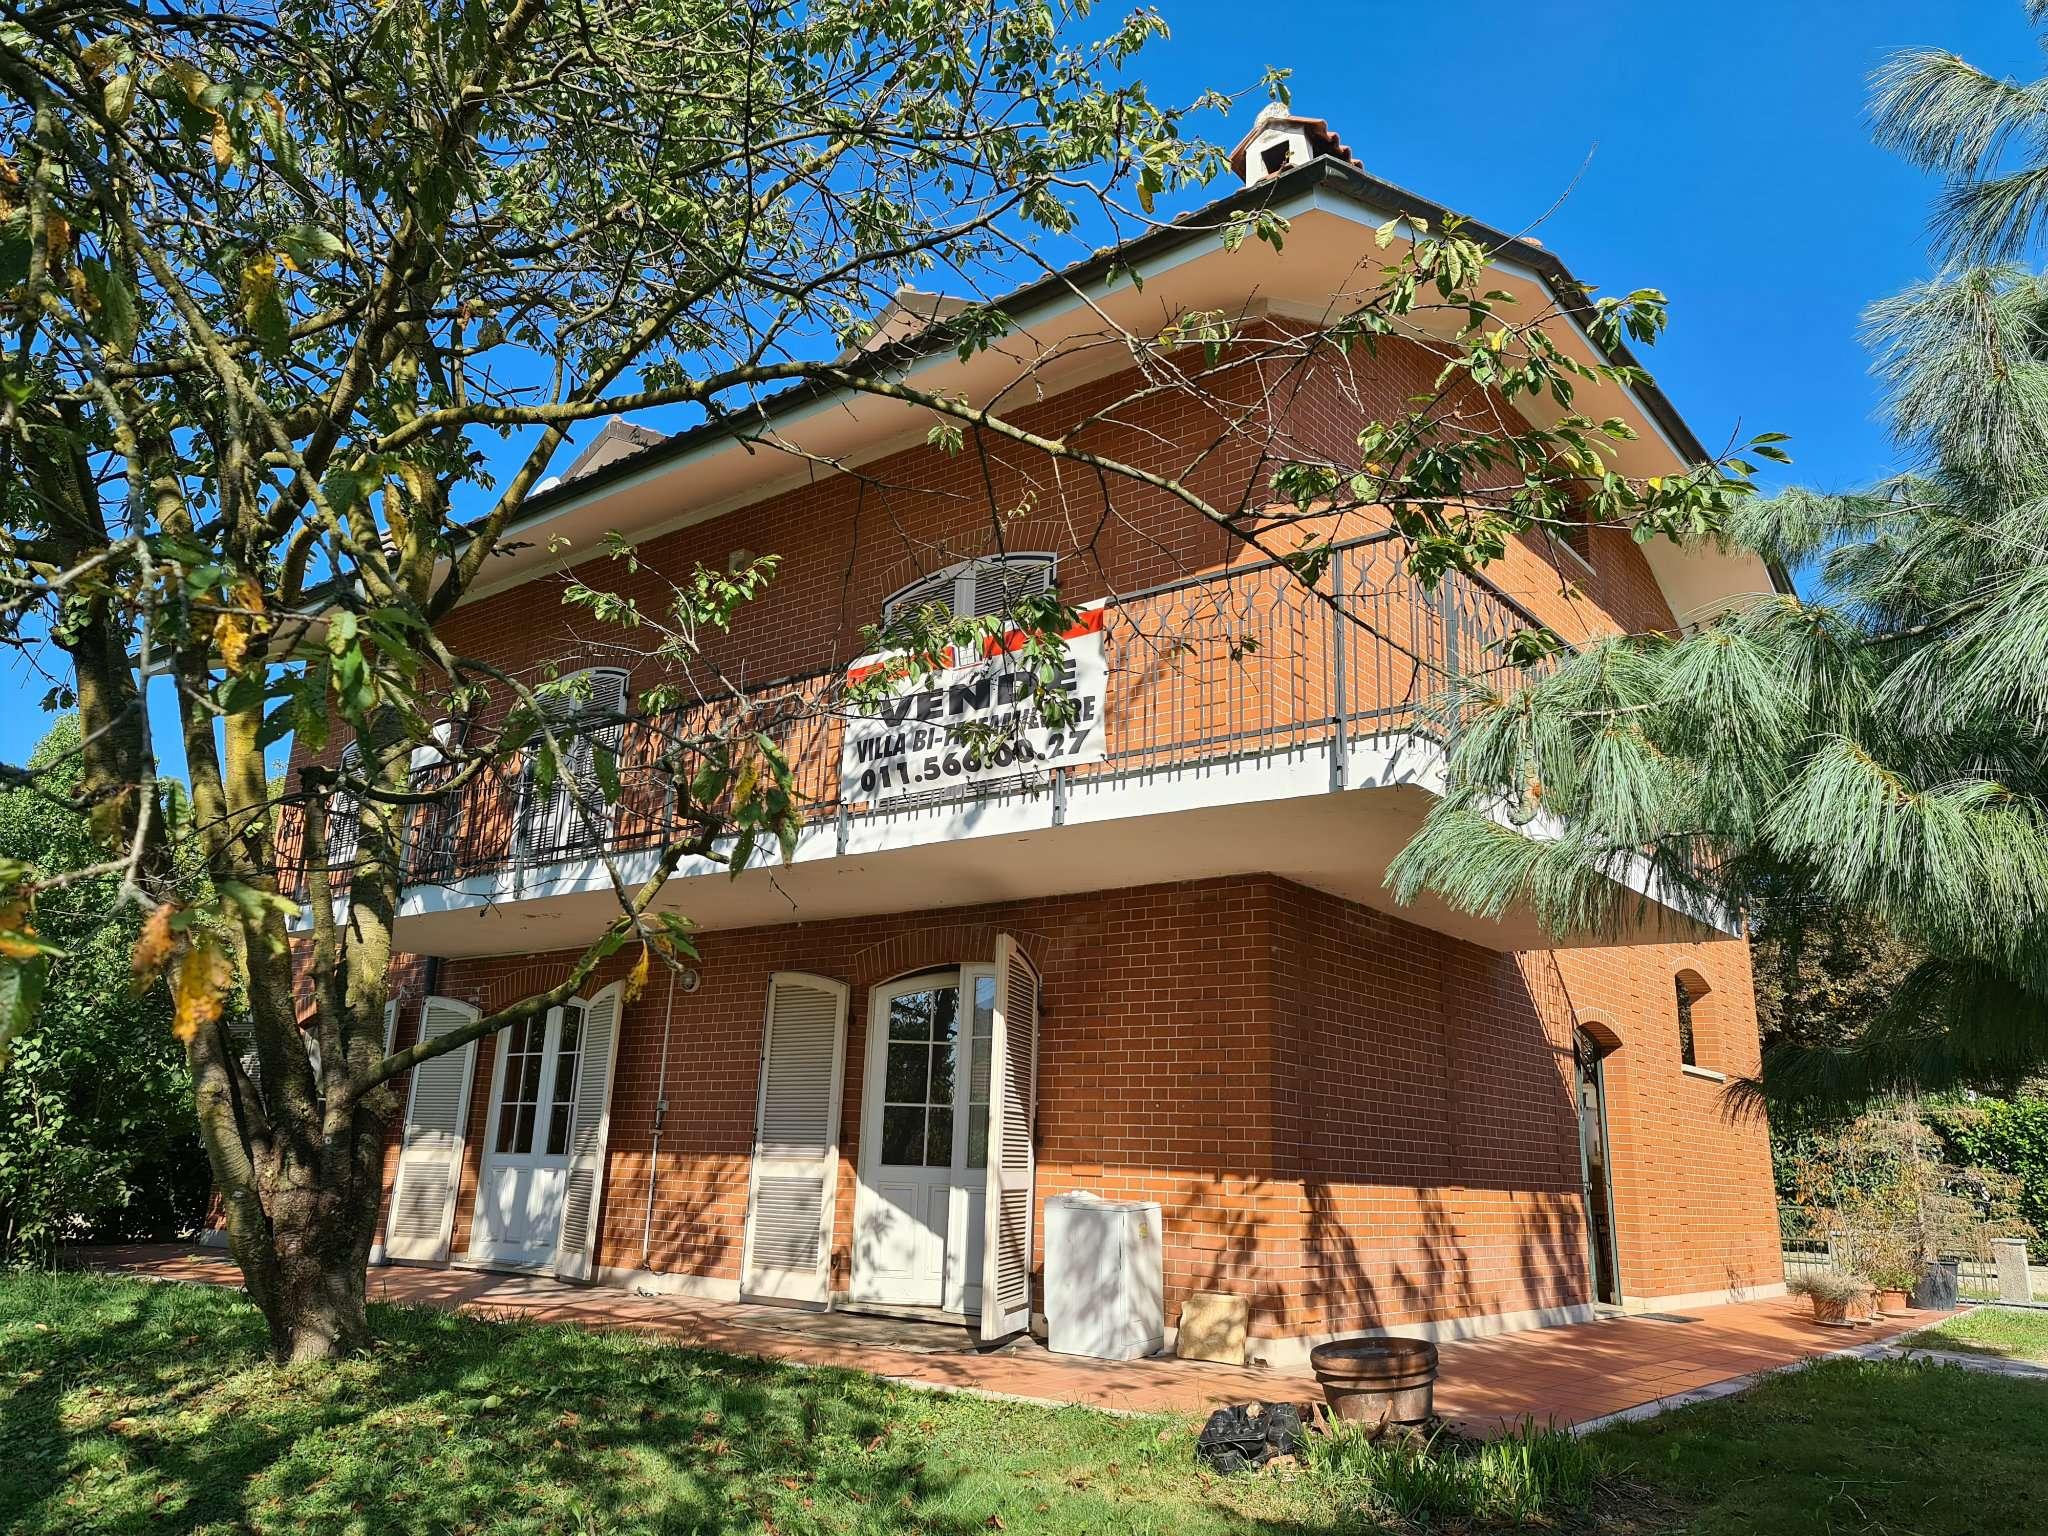 Villa Bifamiliare in vendita a Reano, 15 locali, prezzo € 450.000 | PortaleAgenzieImmobiliari.it